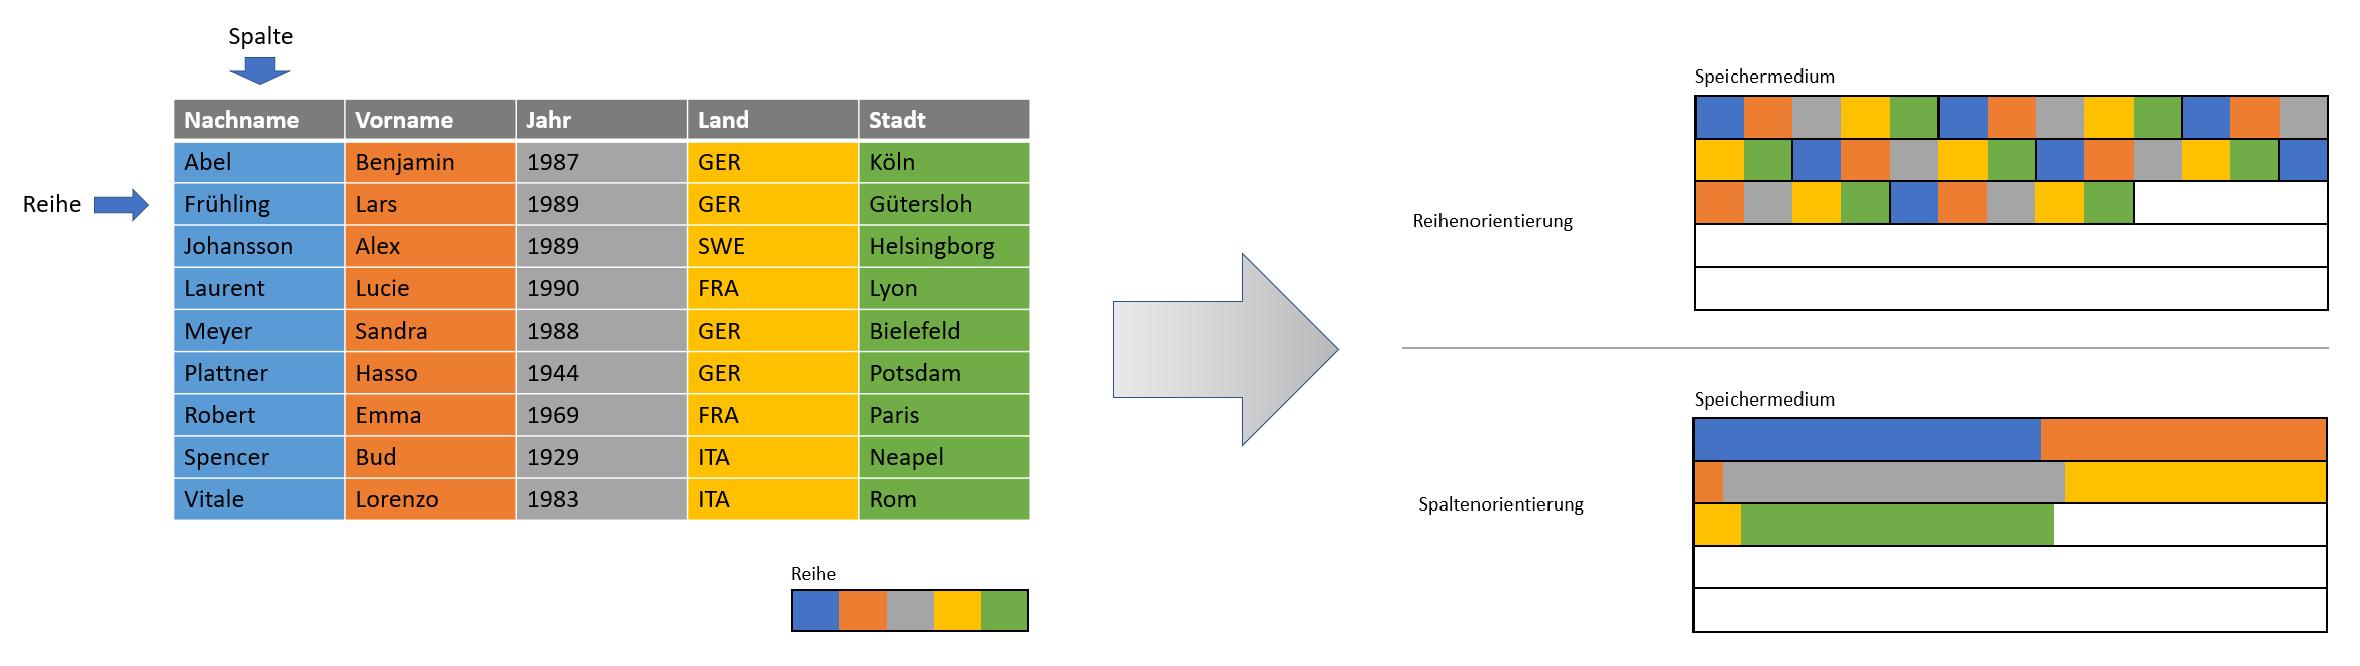 Tabelle und schematische Darstellung  auf dem Speichermedium